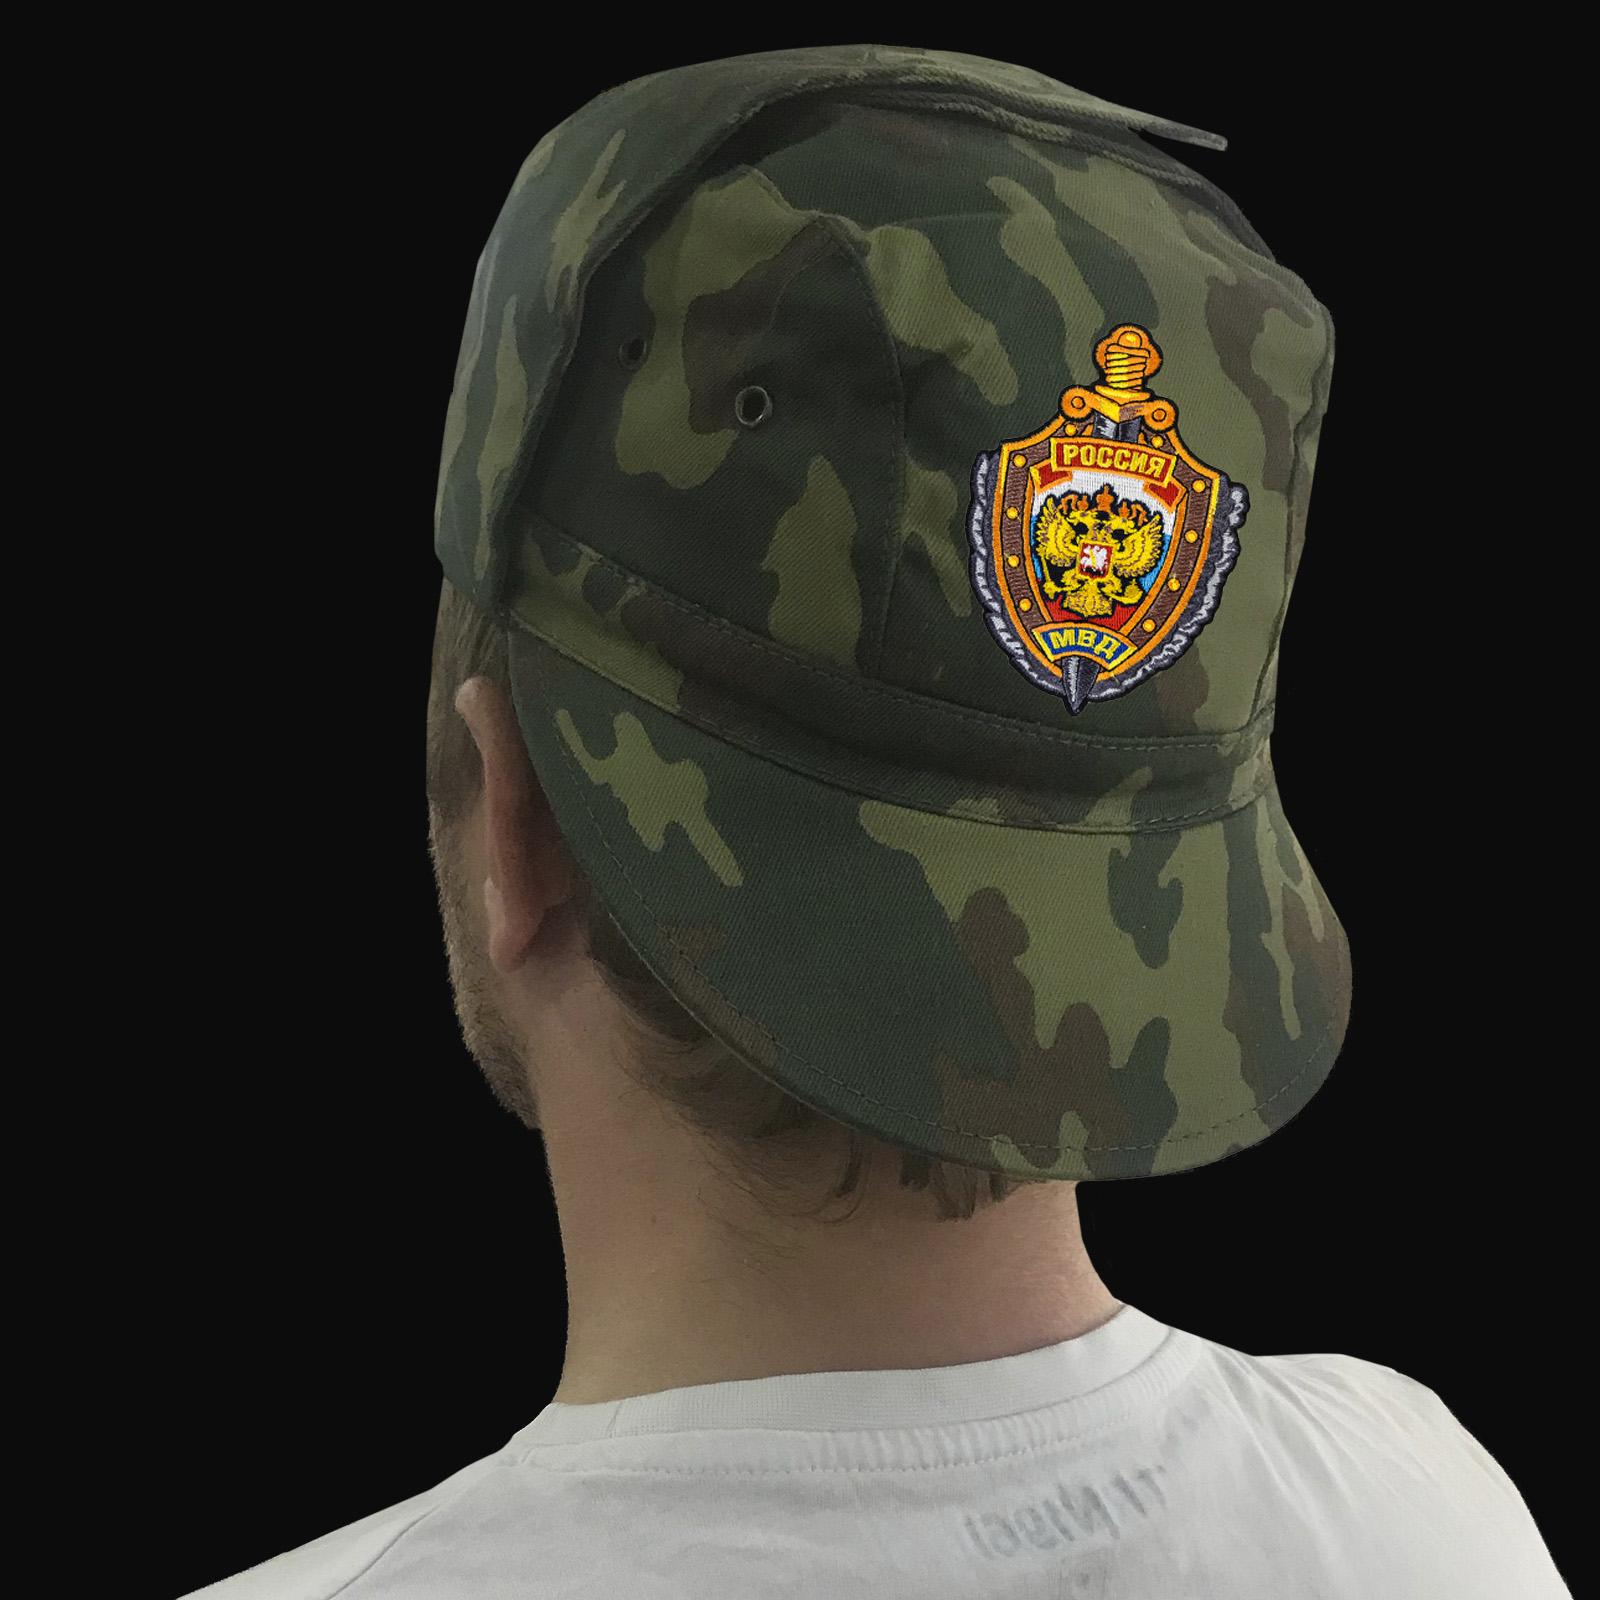 Кепки, бейсболки и другая одежда в дизайне Министерства Внутренних Дел РФ